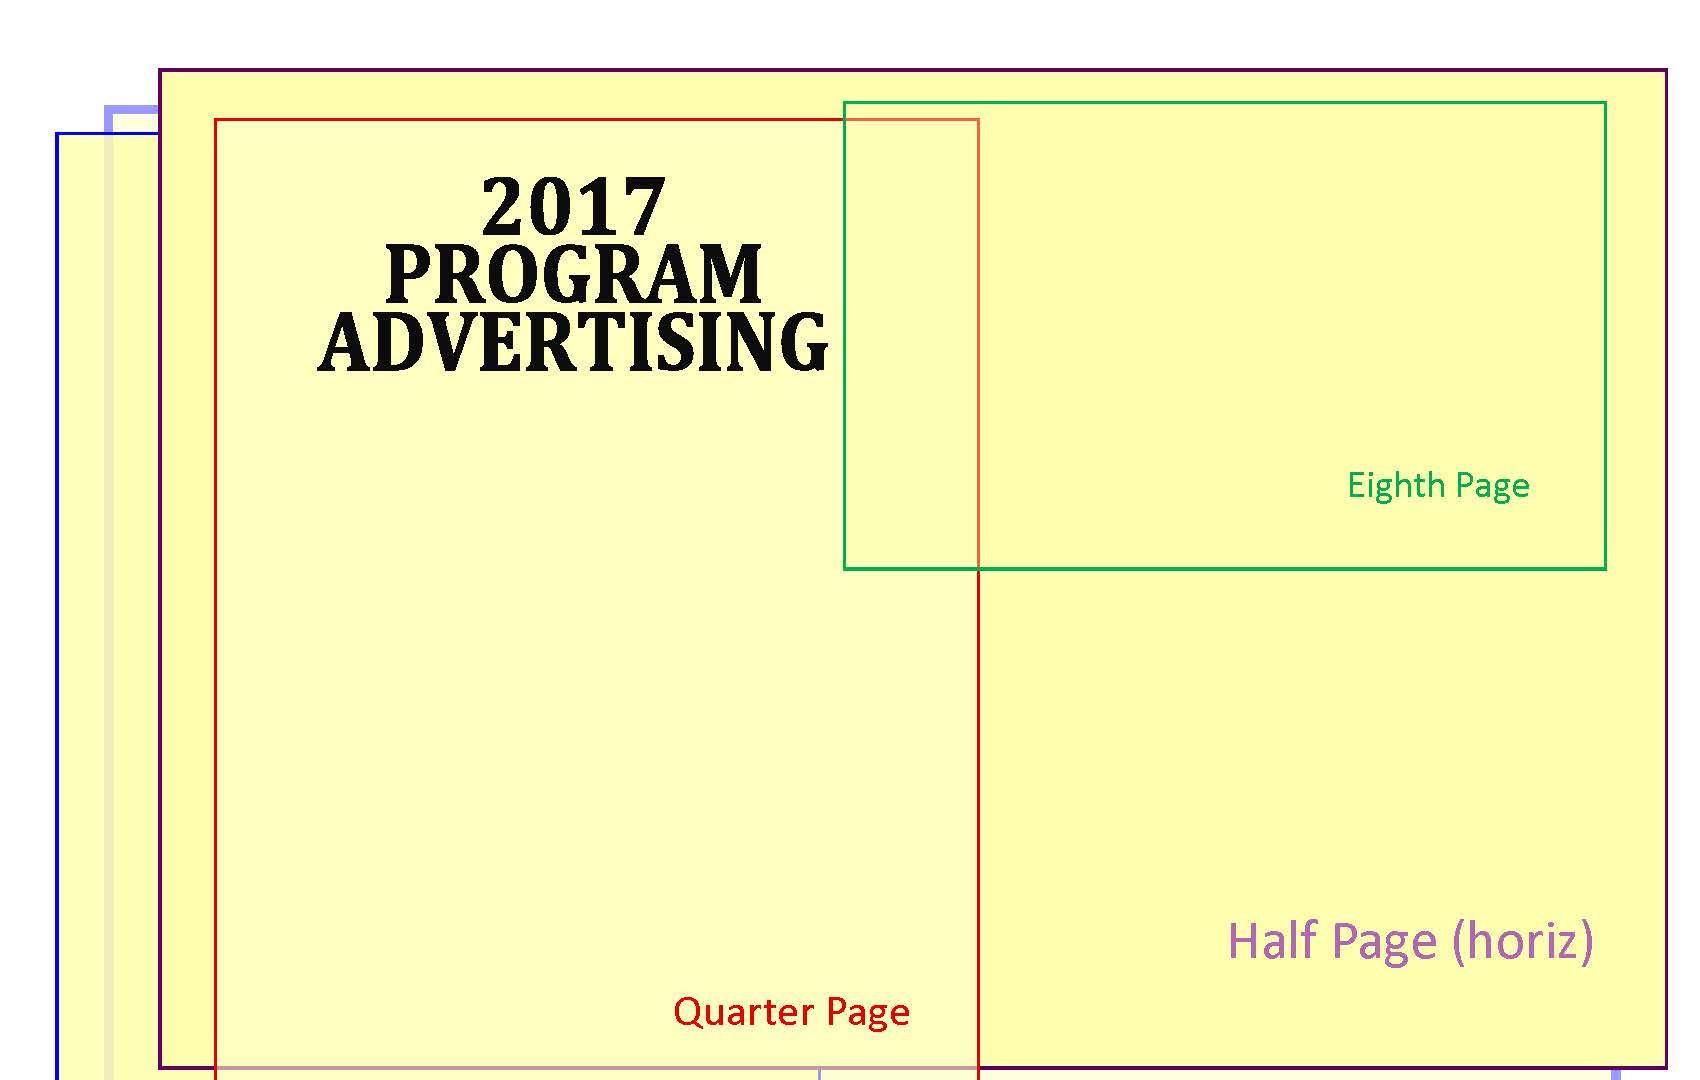 Sponsorship/Advertising for Program